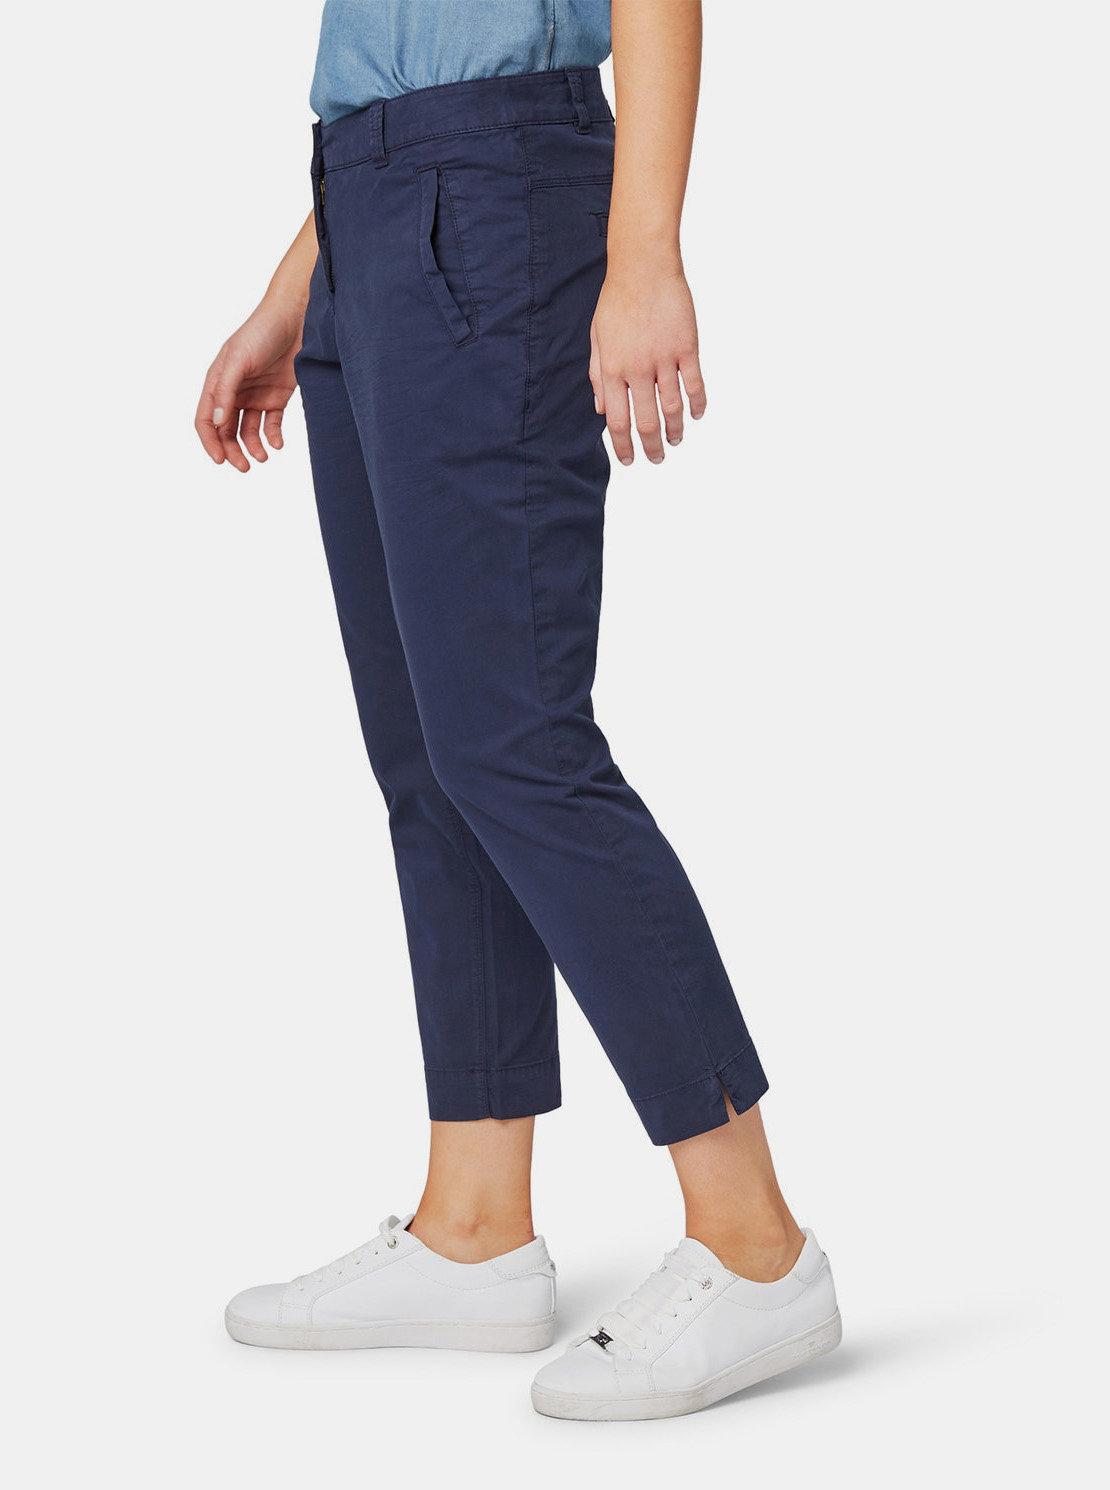 80105fcd323e Tmavomodré dámske skrátené slim fit chino nohavice Tom Tailor ...